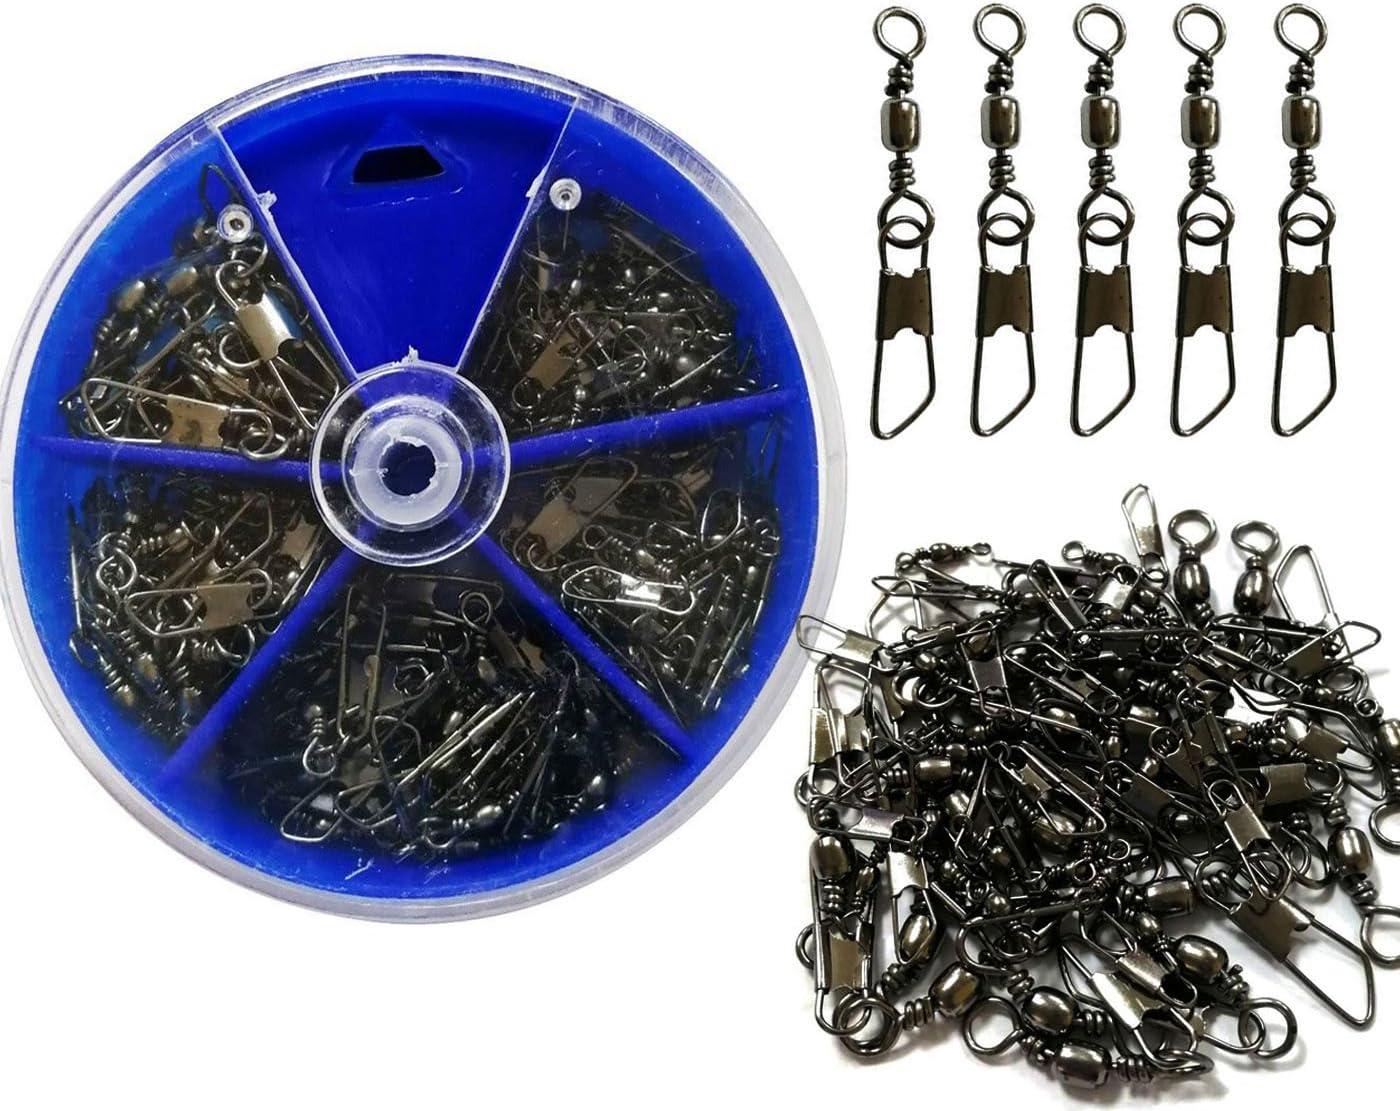 Shaddock - Kit de 100 piezas de pesca, giratorio con conector de seguridad para aparejos de pesca, tamaño #14, 12, 10, 8, 6